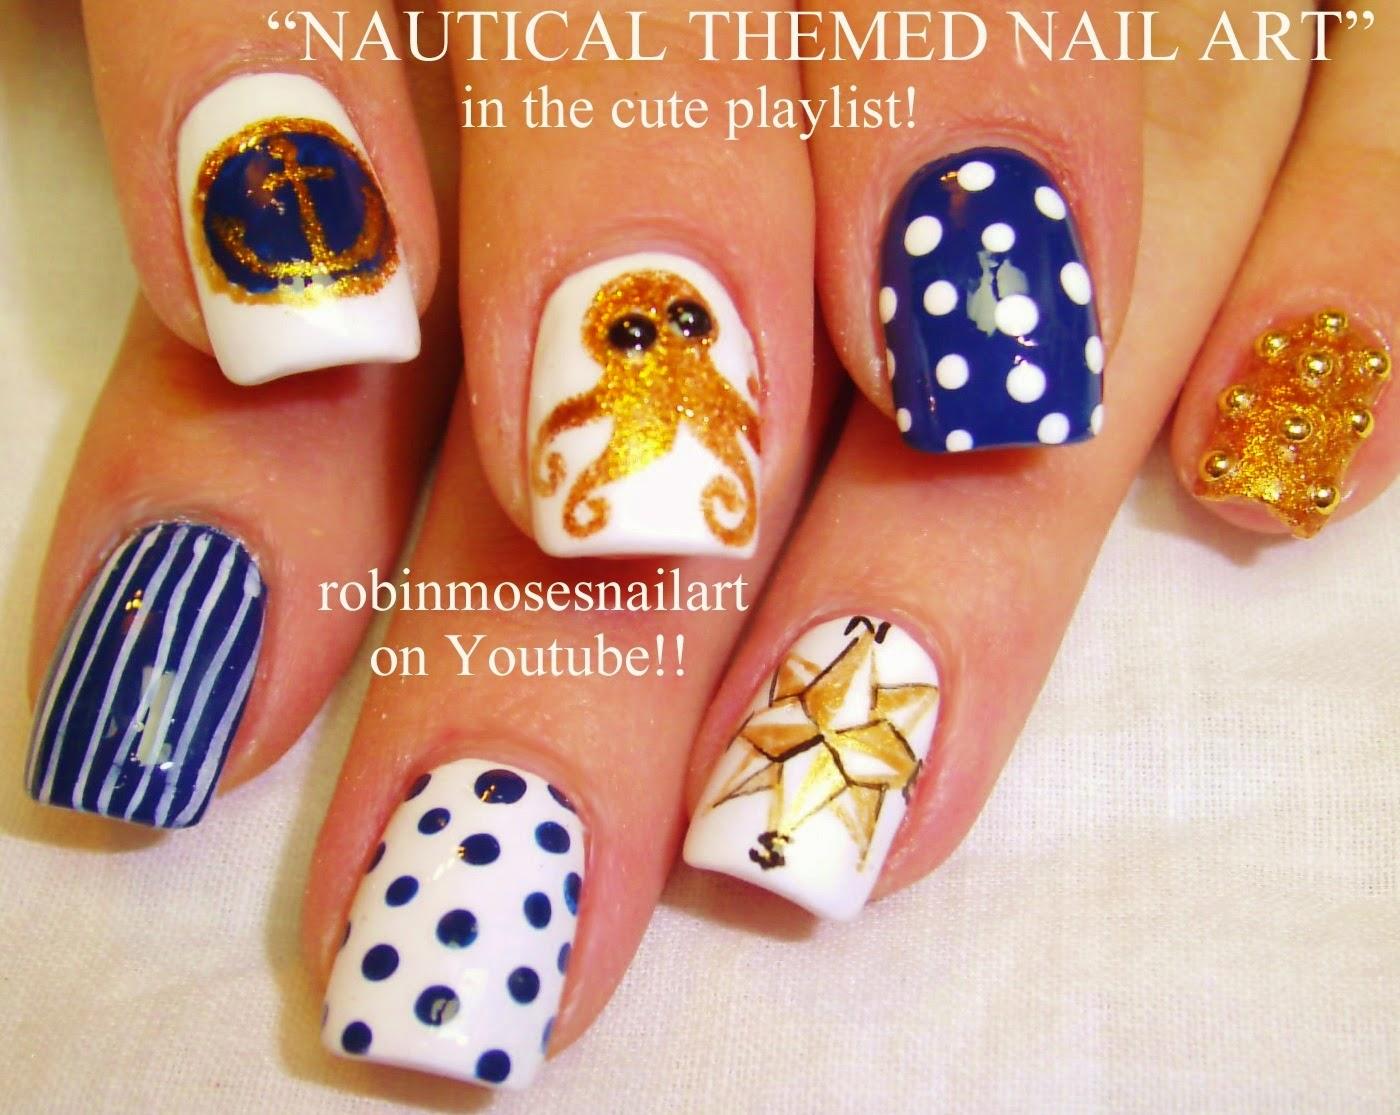 Robin moses nail art summer nails summer nail art summer fierce fire water nail art prinsesfo Image collections